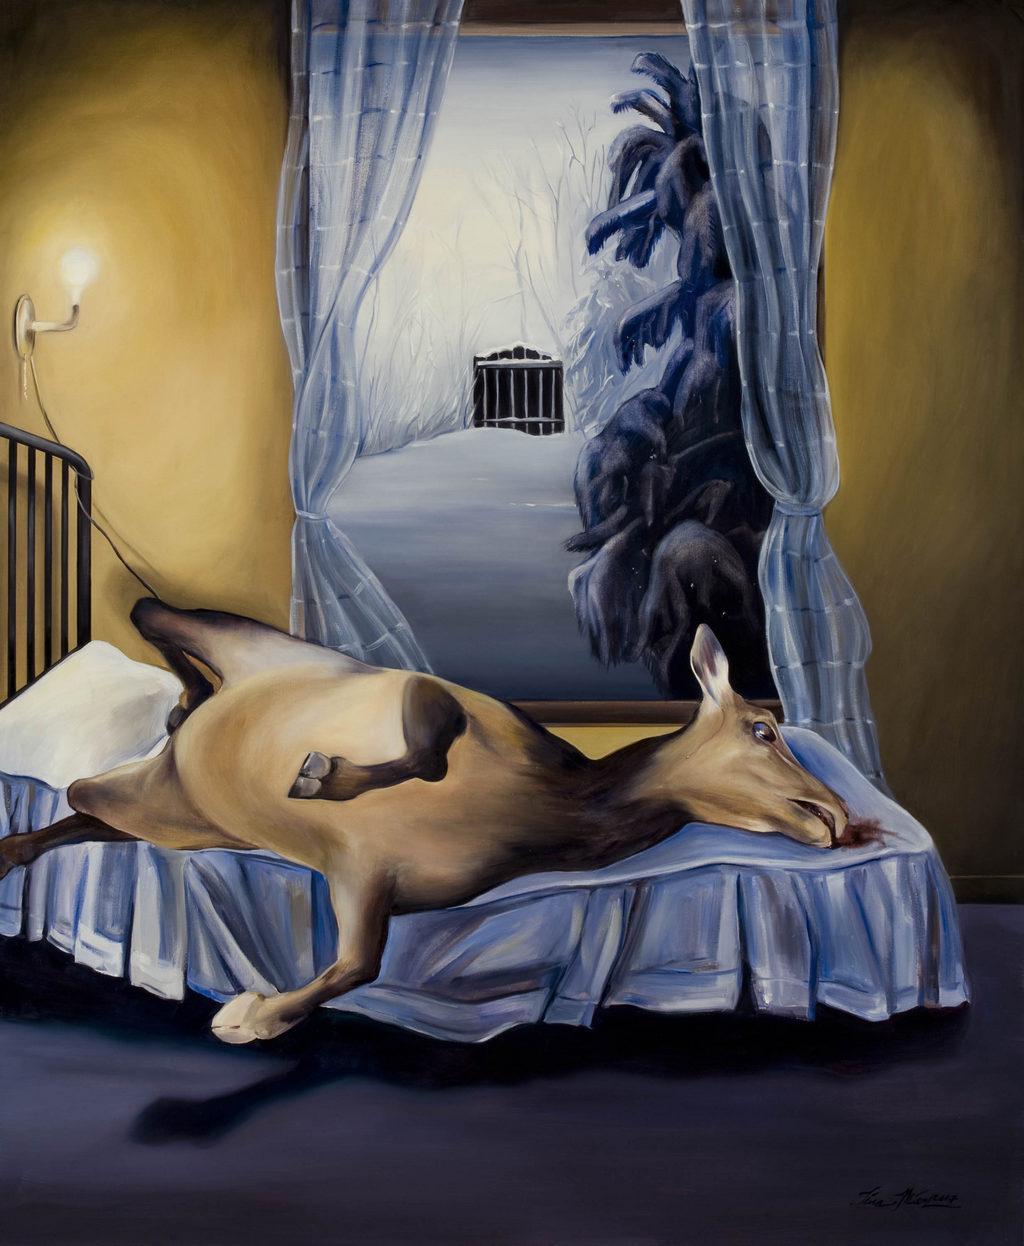 elk art tina mion painting